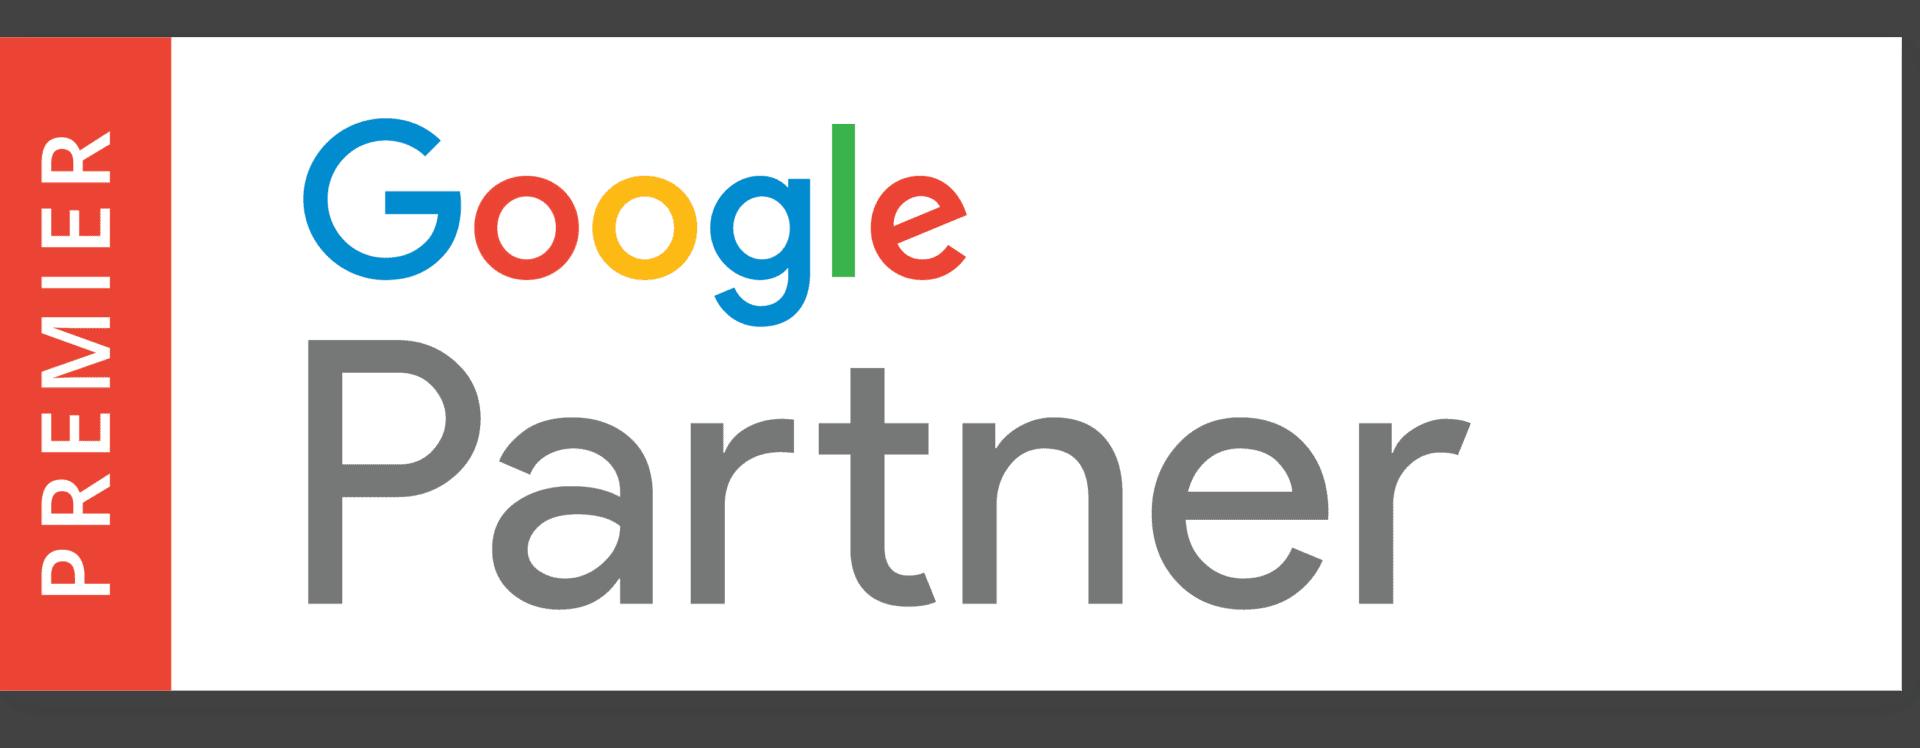 Google Partner Premier - John Cochrane Advertising